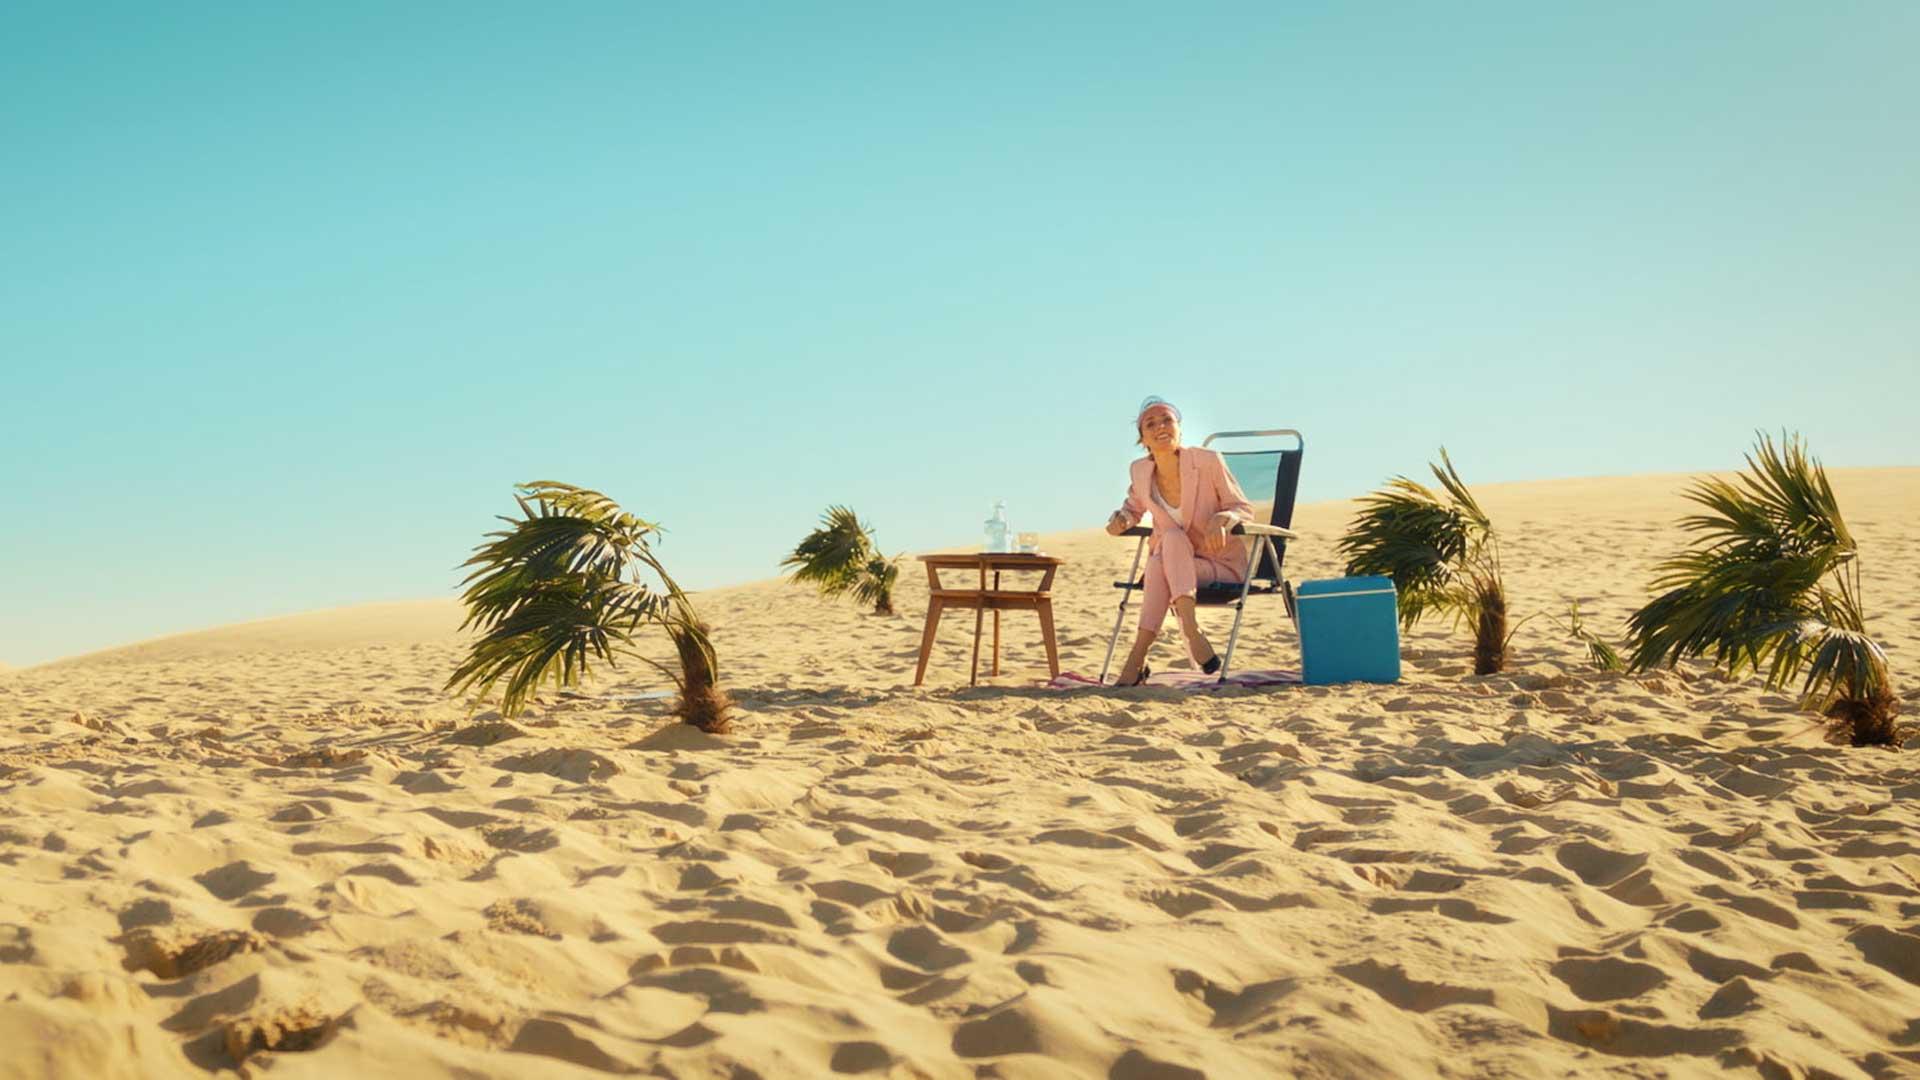 désert sable eau palmier femme